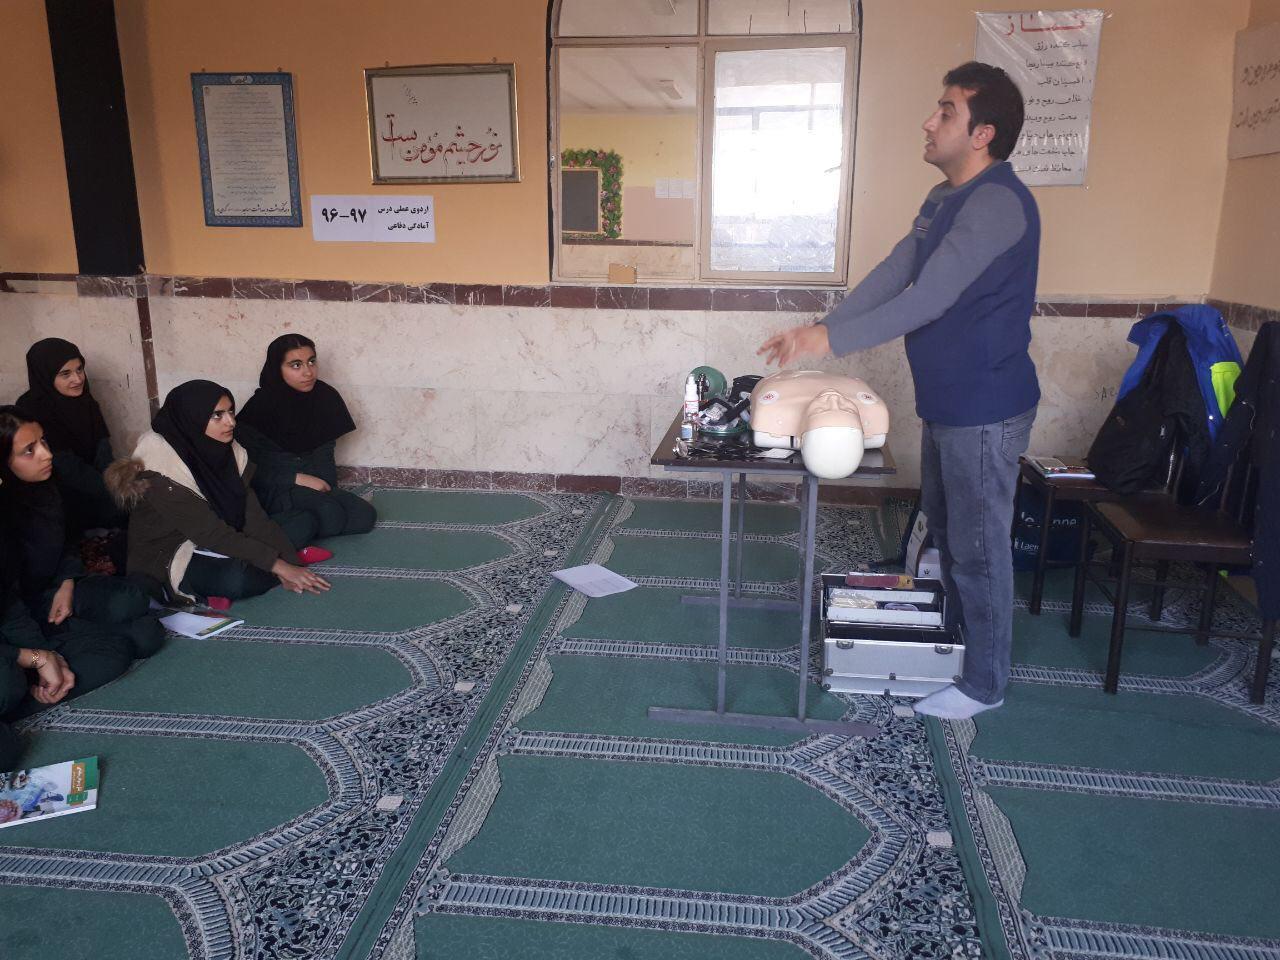 آموزش کمک های اولیه به دانش آموزان توسط مركز فوريت هاي پزشكي پيرانشهر